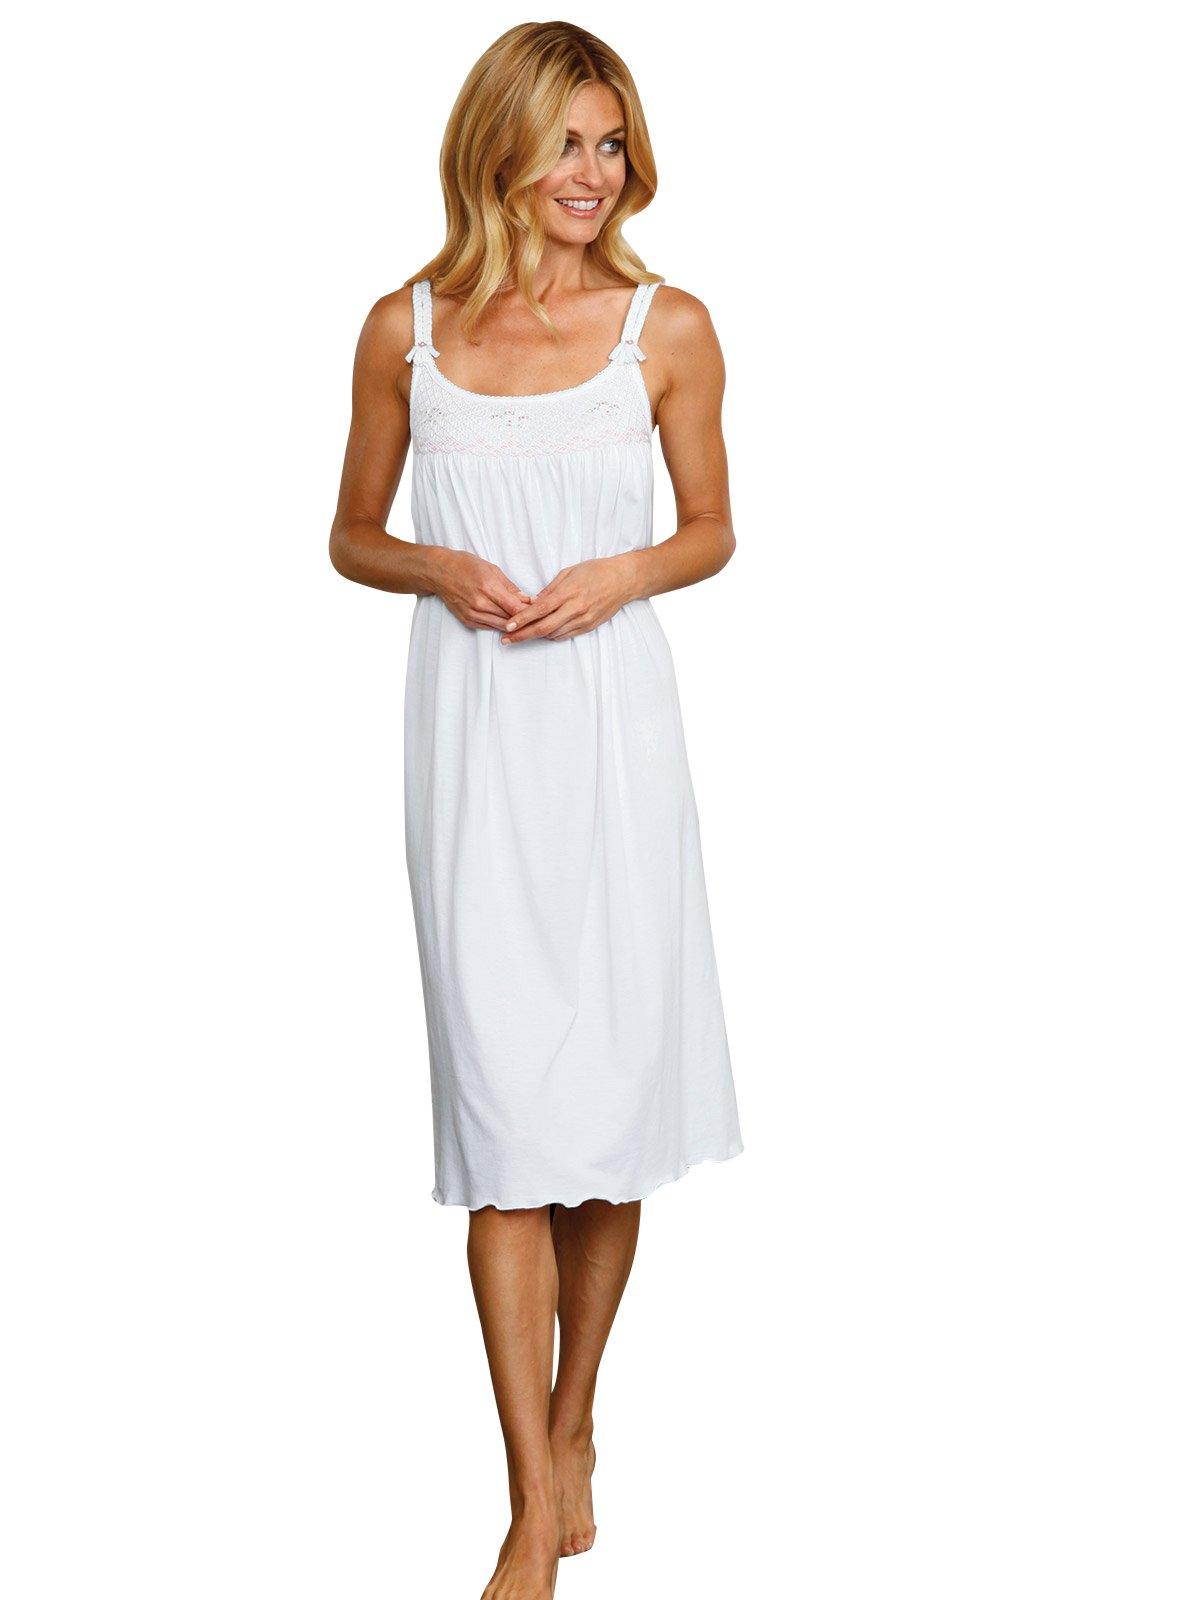 Schweitzer Linen Brady Nightgowns, Pink (Large) by Schweitzer Linen